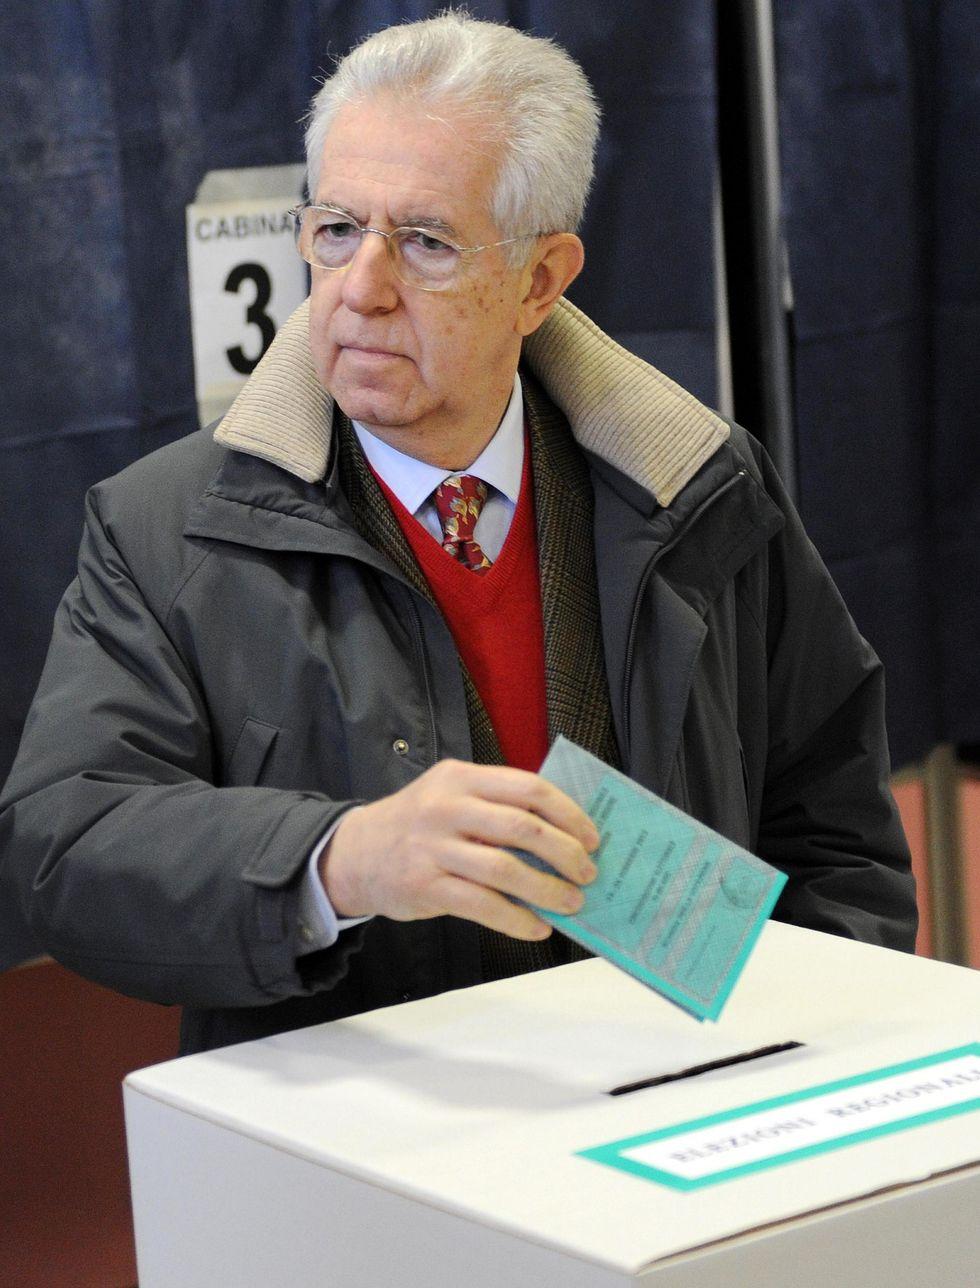 Elezioni 2013: analisi del voto - Lista Monti